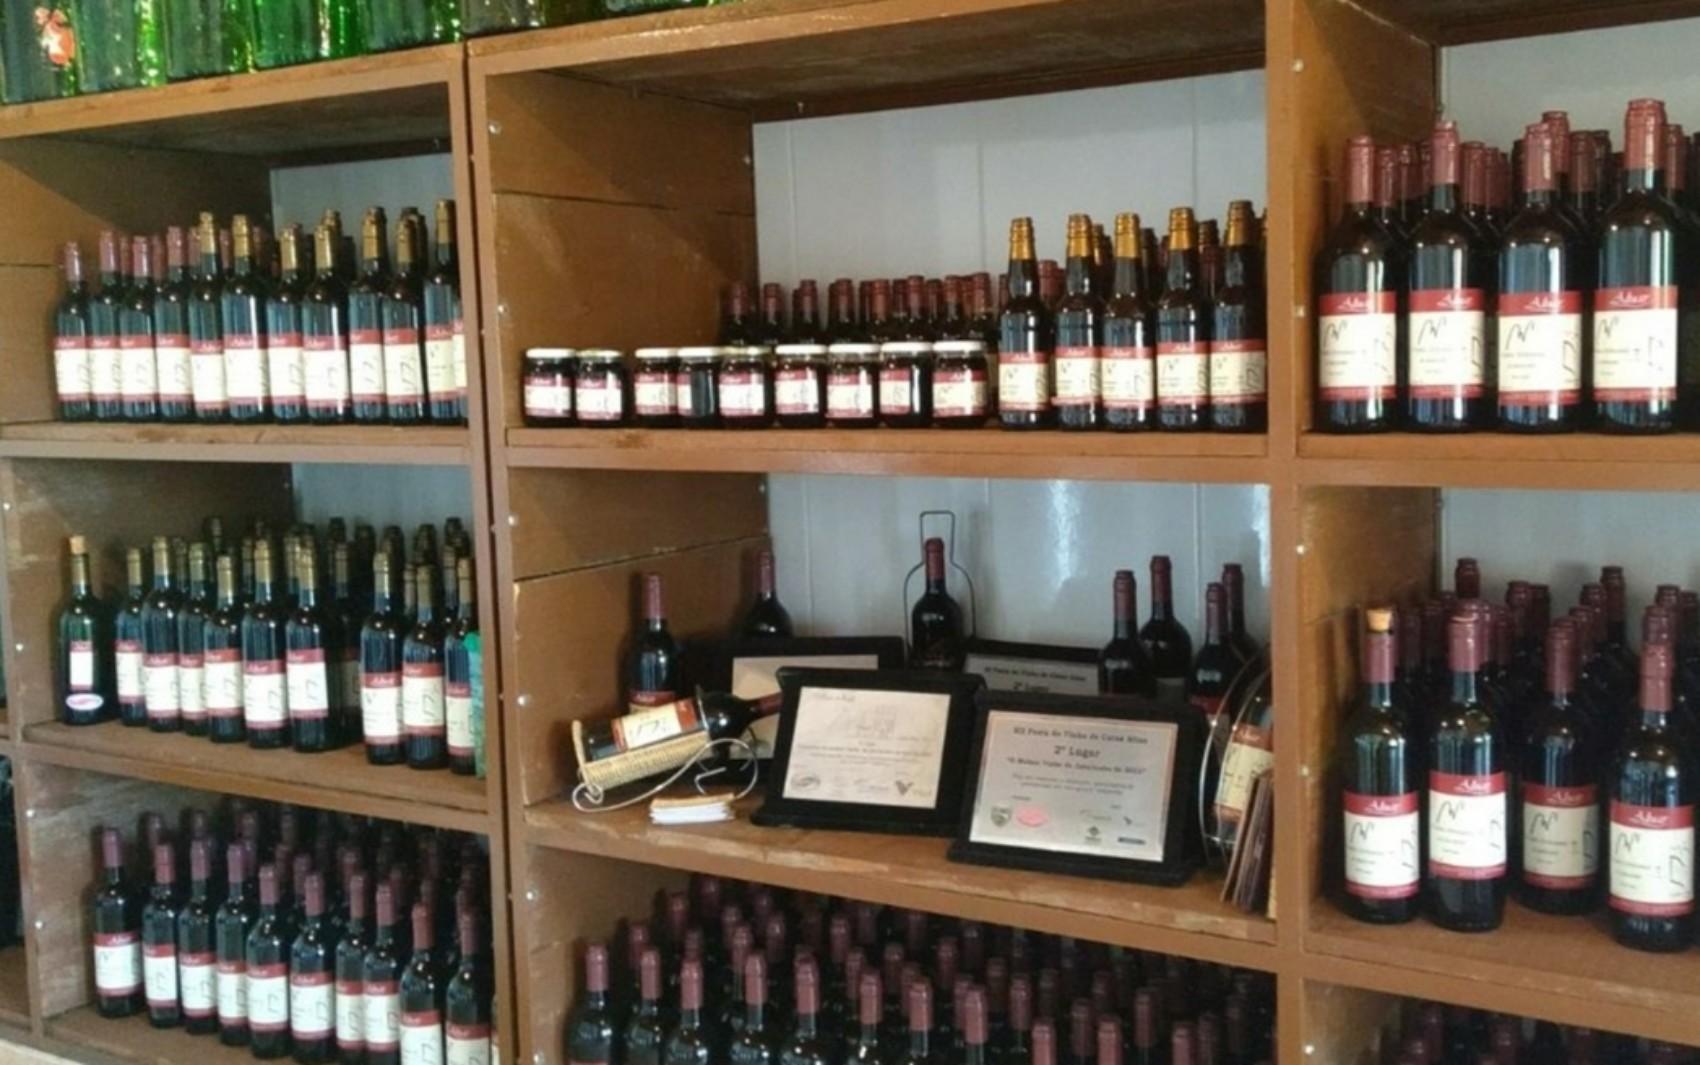 Prefeitura de Feira de Santana proíbe venda de bebida alcoólica durante toque de recolher até 21 de junho; confira